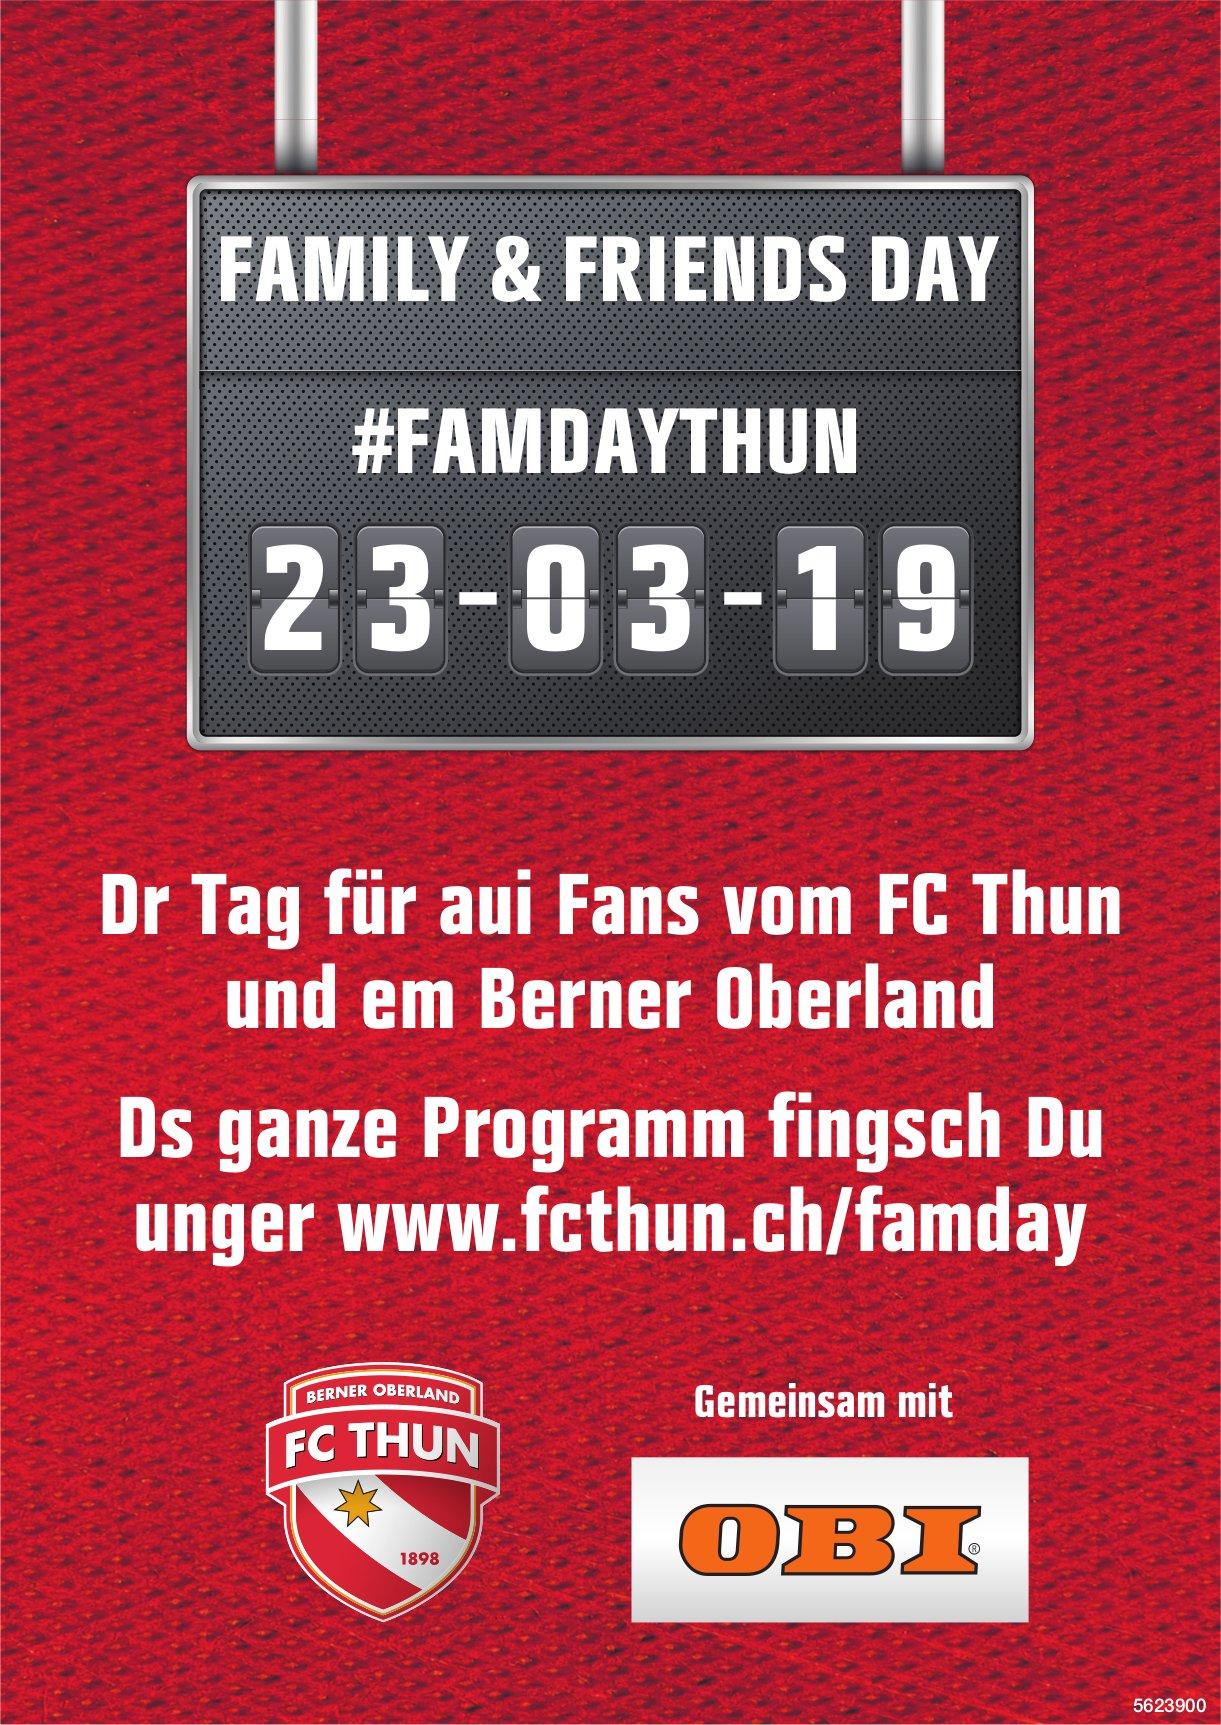 Family & Friend Day, 23. März - Dr Tag für aui Fans vom FC Thun und em Berner Oberland